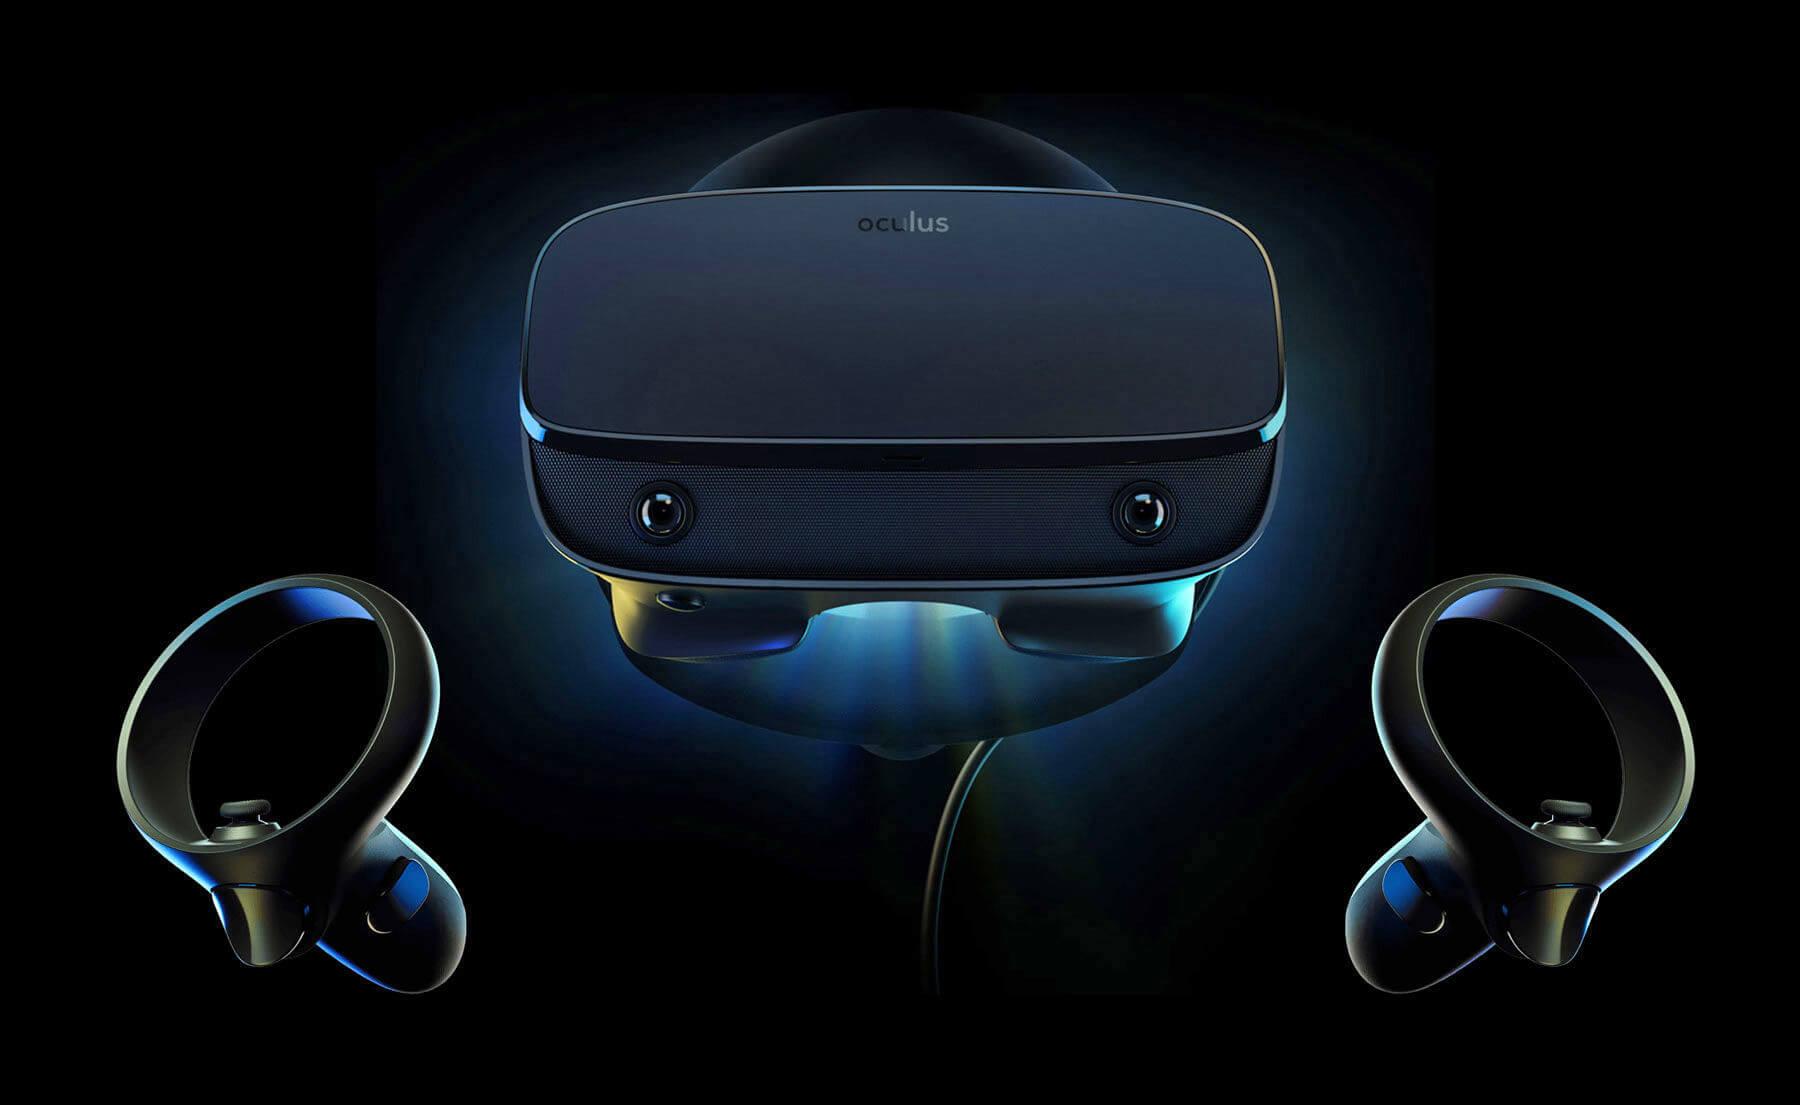 Oculus представила новую гарнитуру виртуальной реальности Rift S